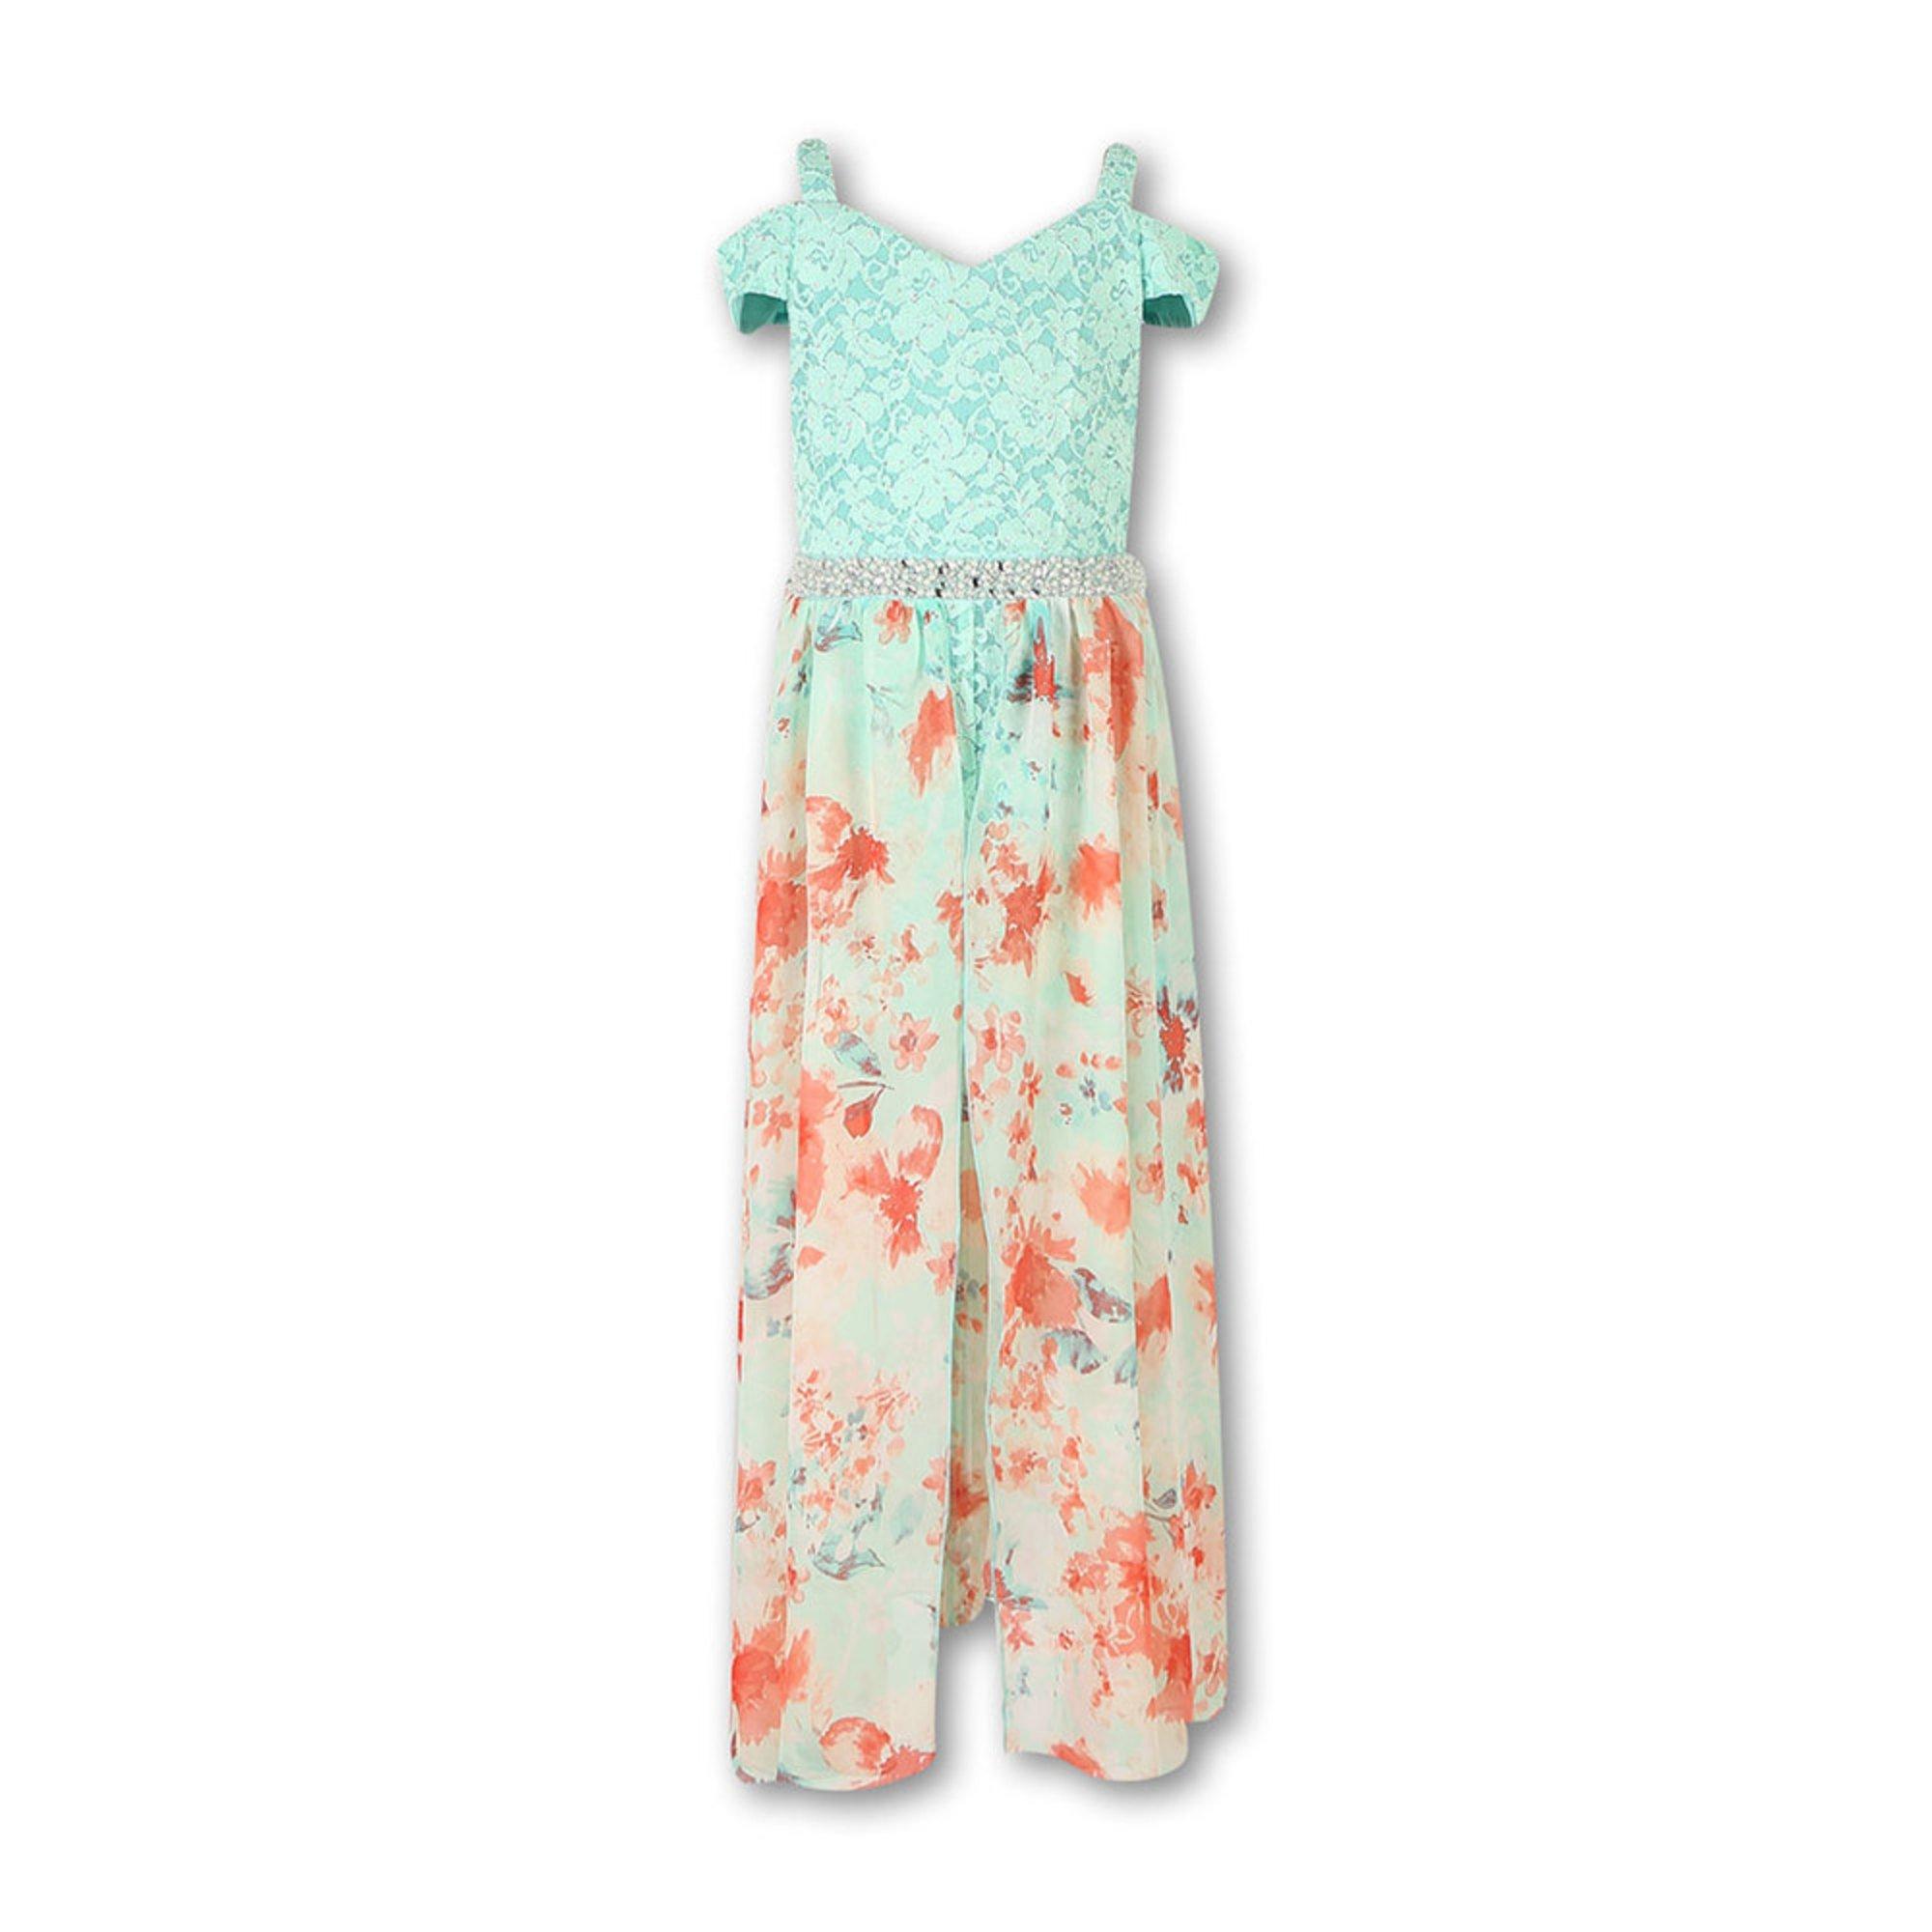 d3e4cc76d1b4 Speechless Big Girls' Floral Walkthru Easter Dress | Big Girls ...